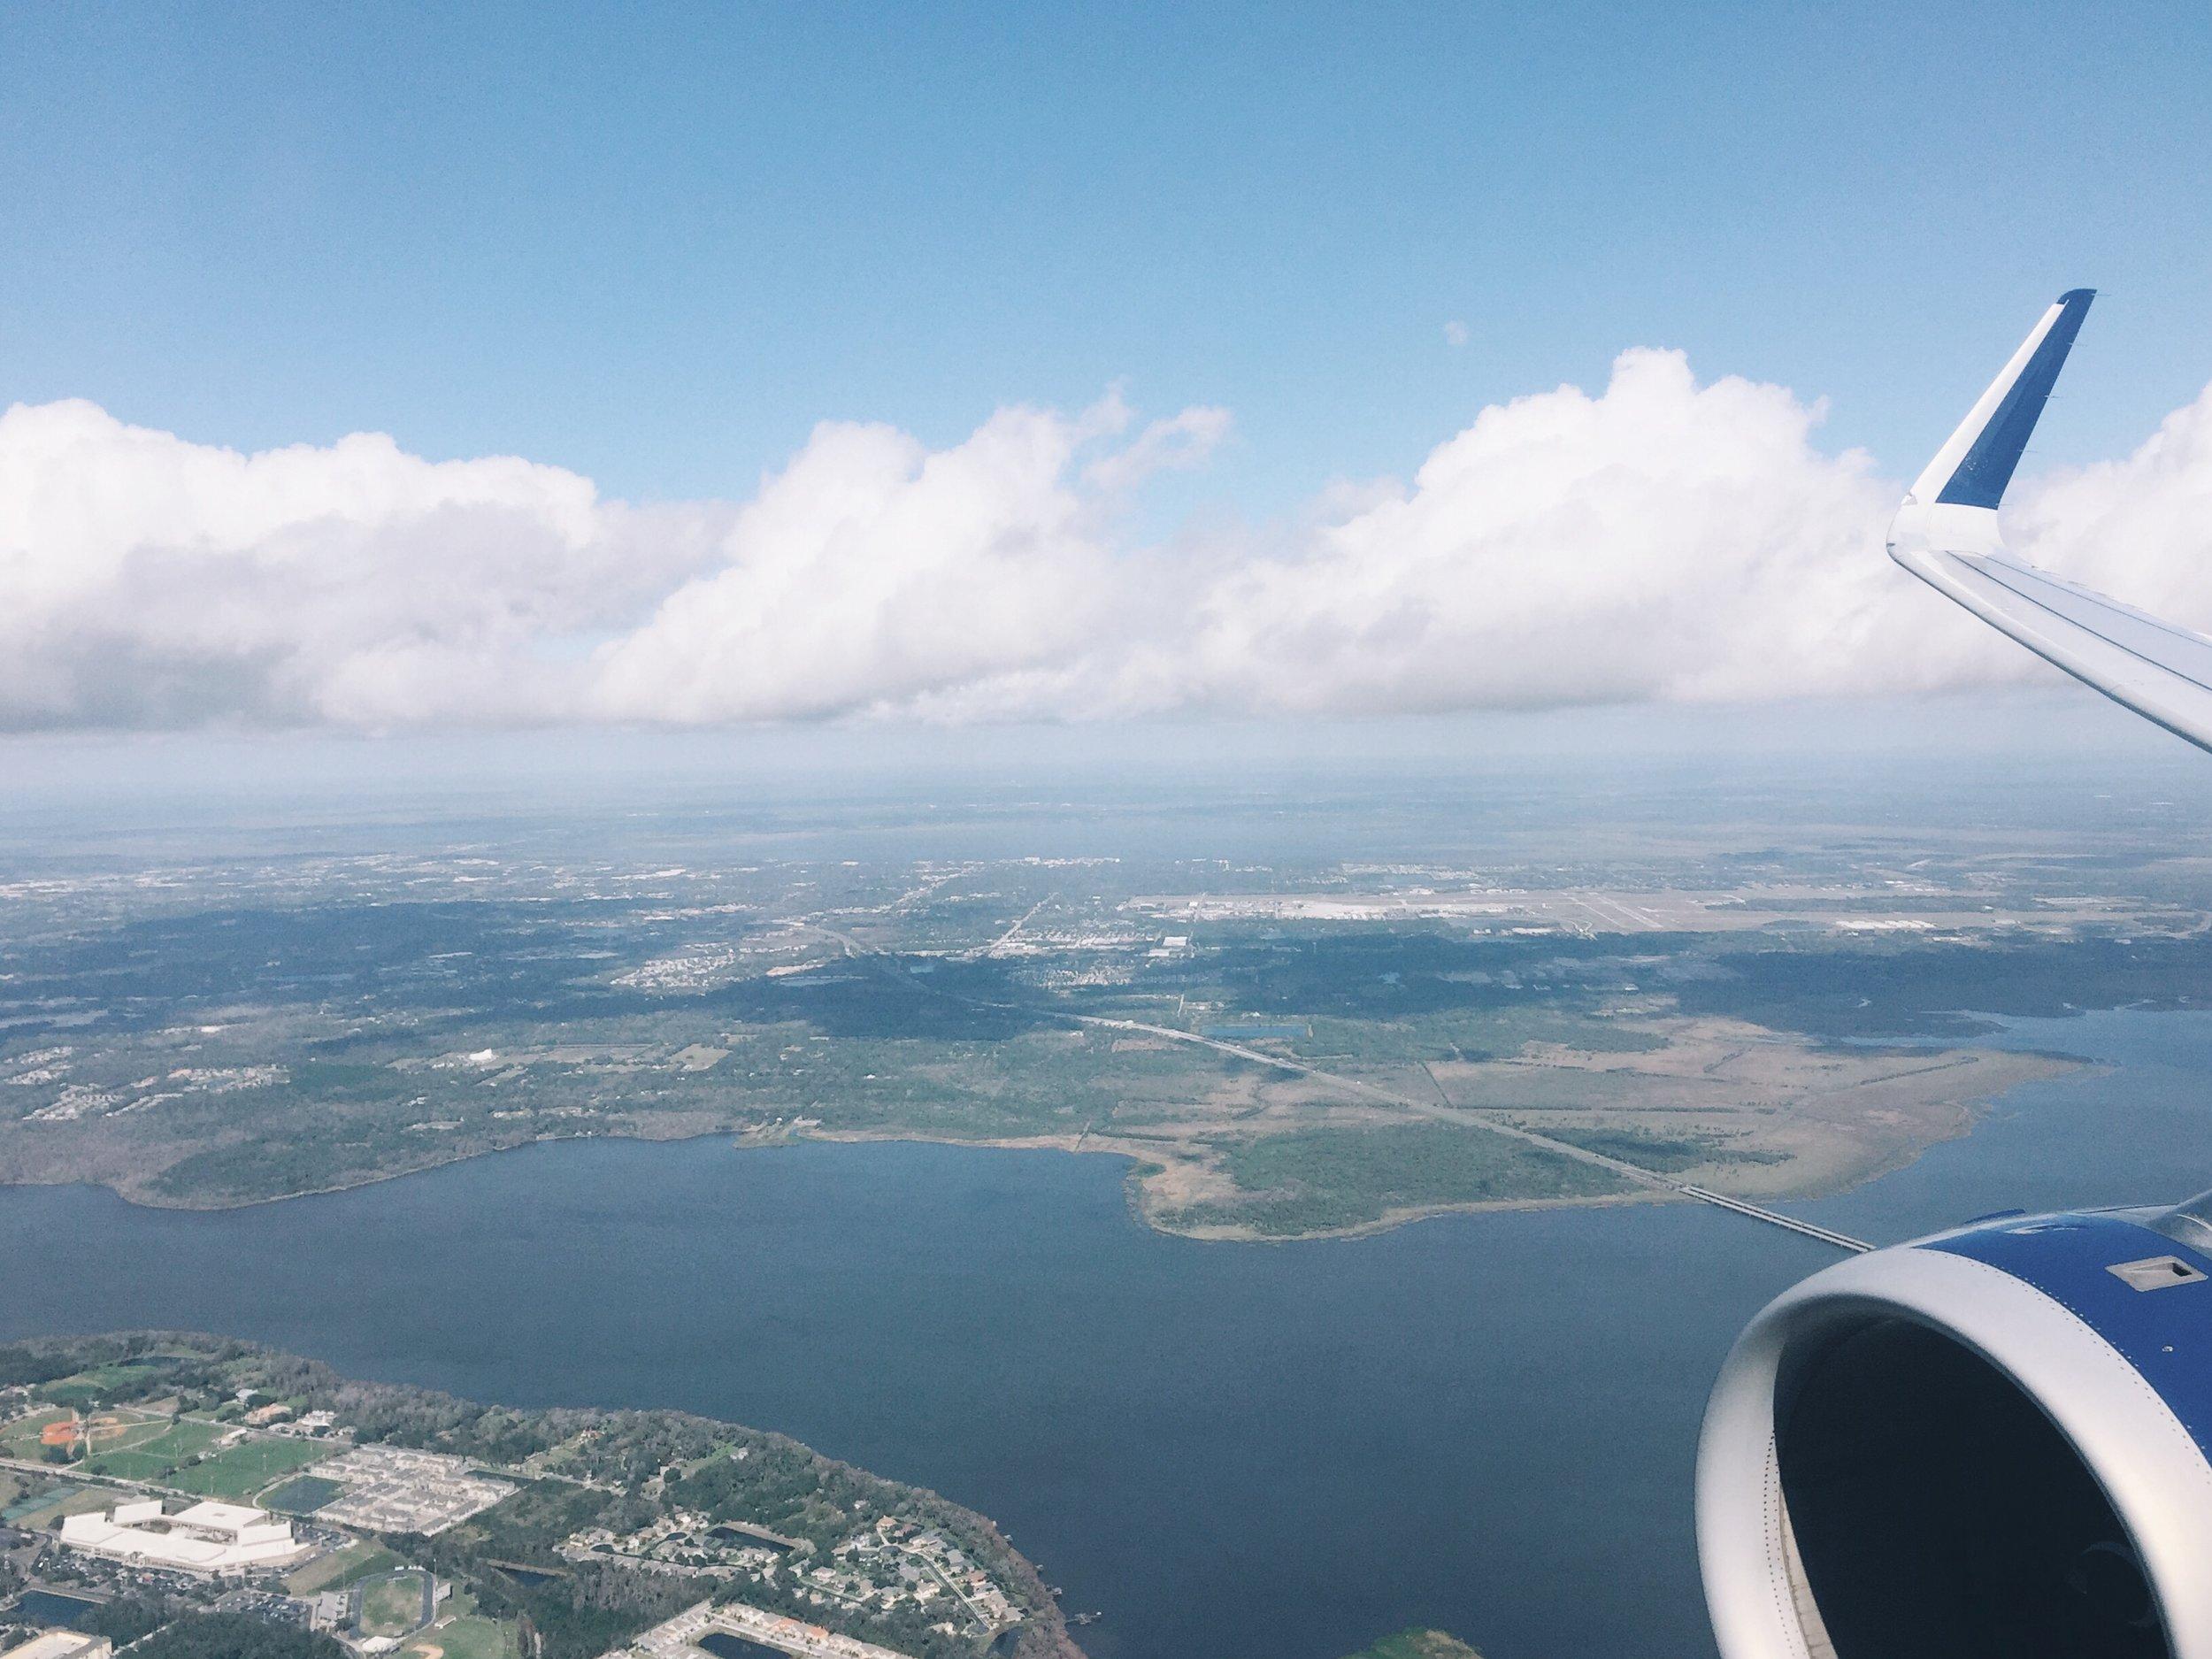 Landing in Florida.